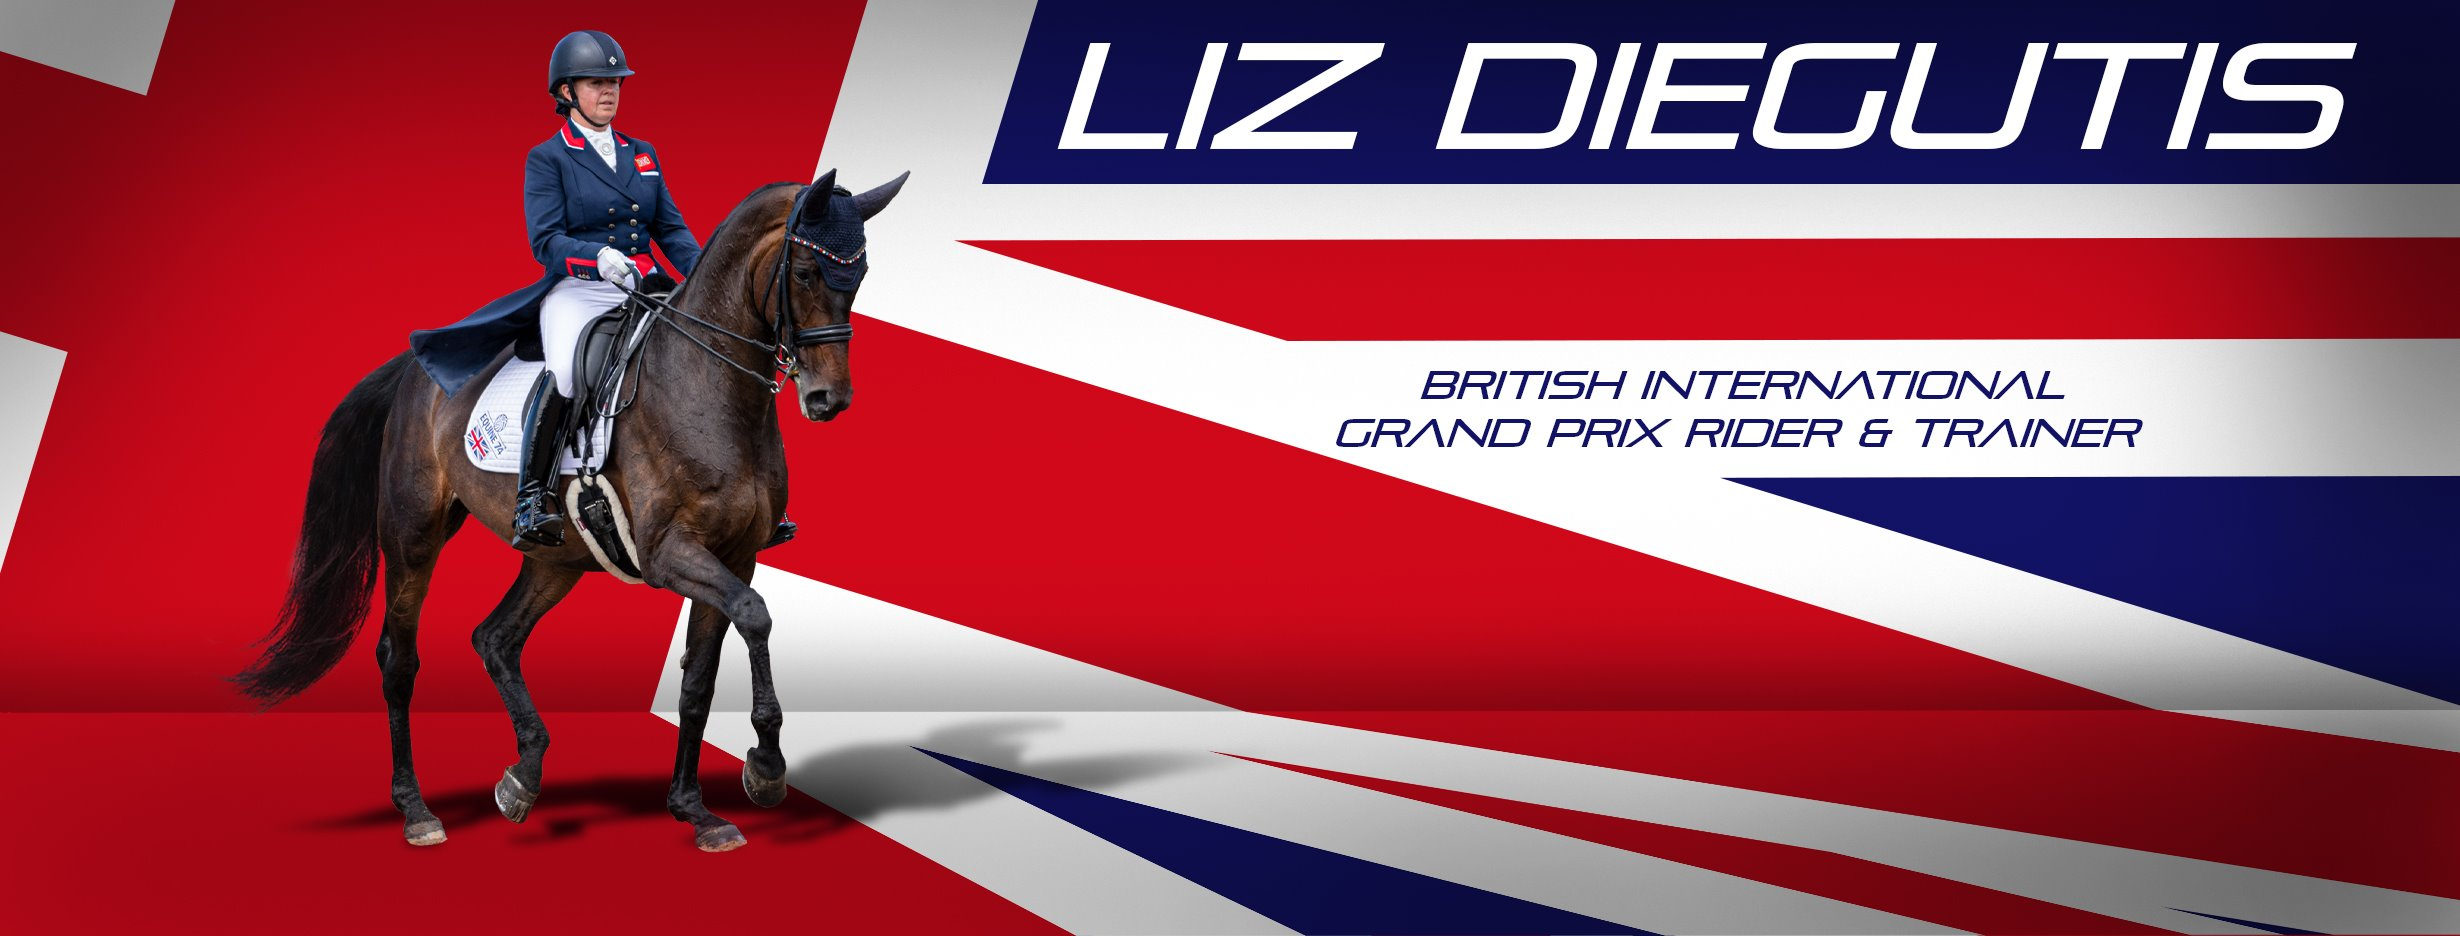 Good luck Liz Diegutis at the NEXGEN final !.. - Featured Image